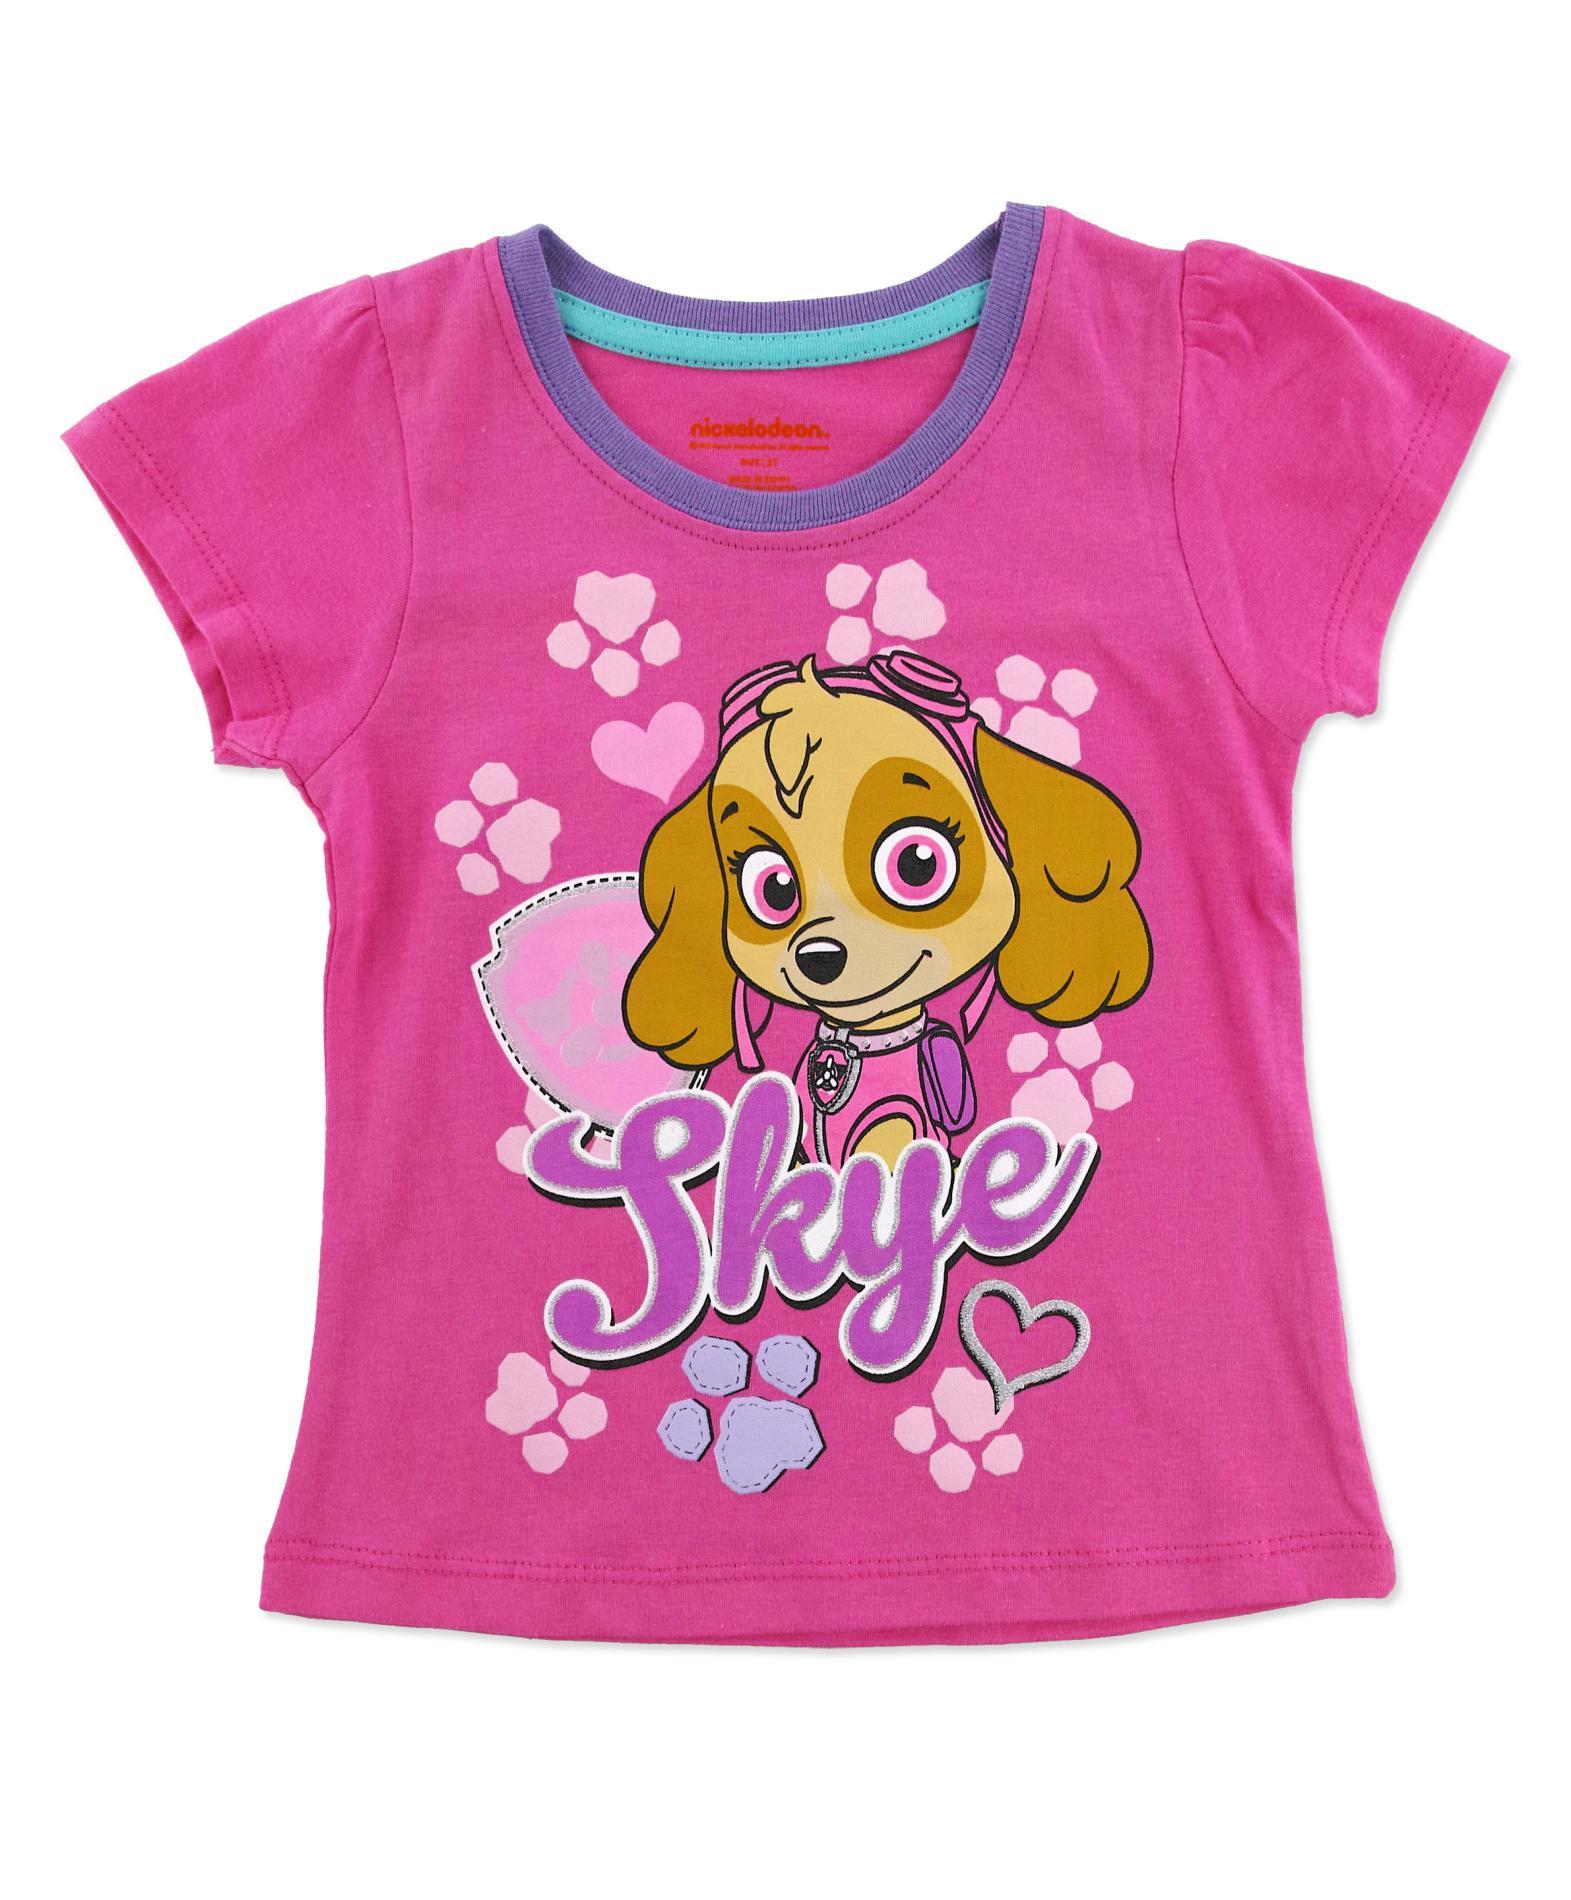 Nickelodeon PAW Patrol Toddler Girls T Shirt Skye